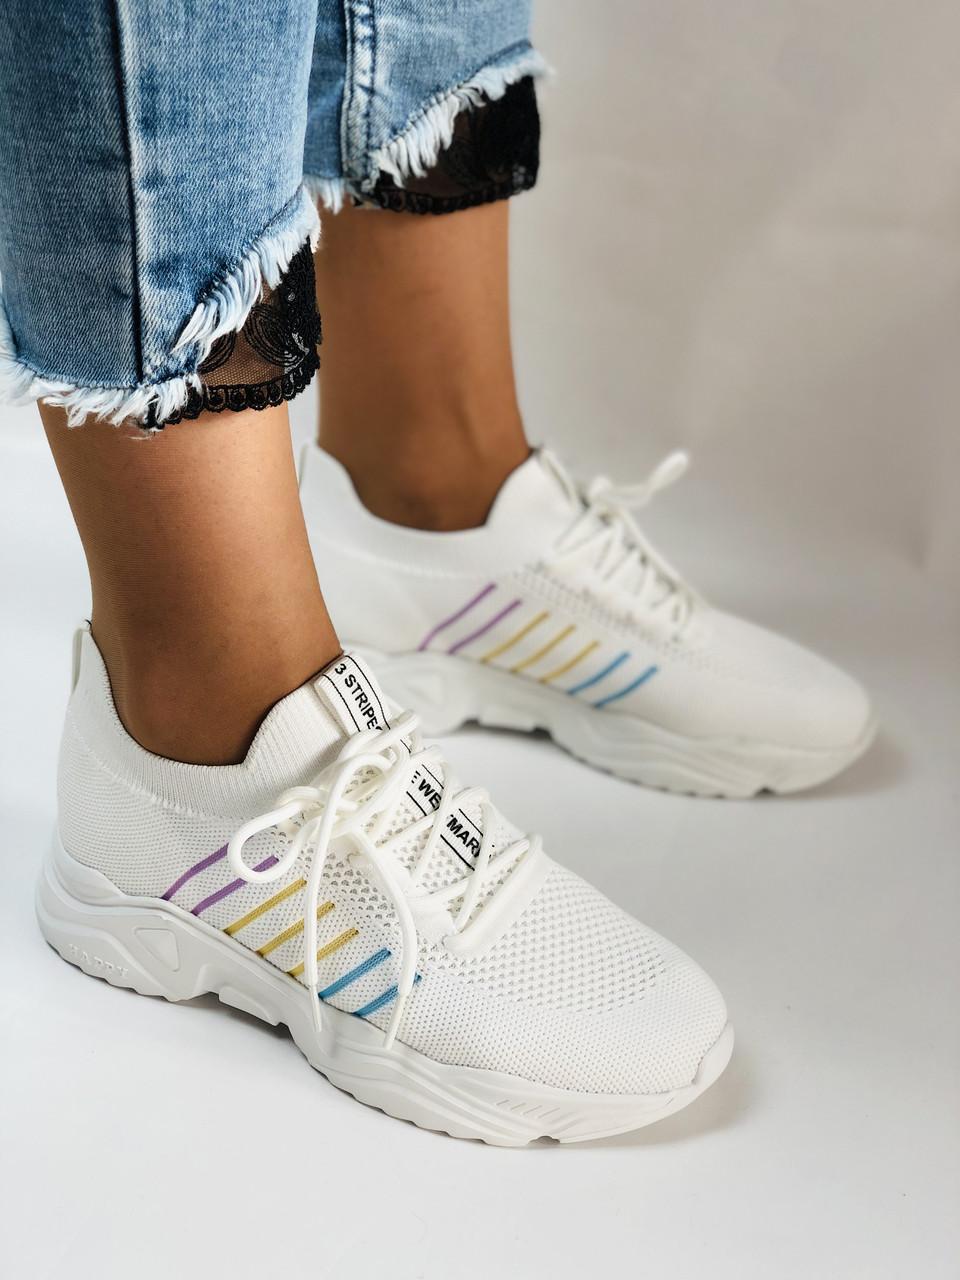 Стильні жіночі кеди-білі кросівки.В'язаний текстиль з сіткою.Відмінна якість! 36-39 Vellena